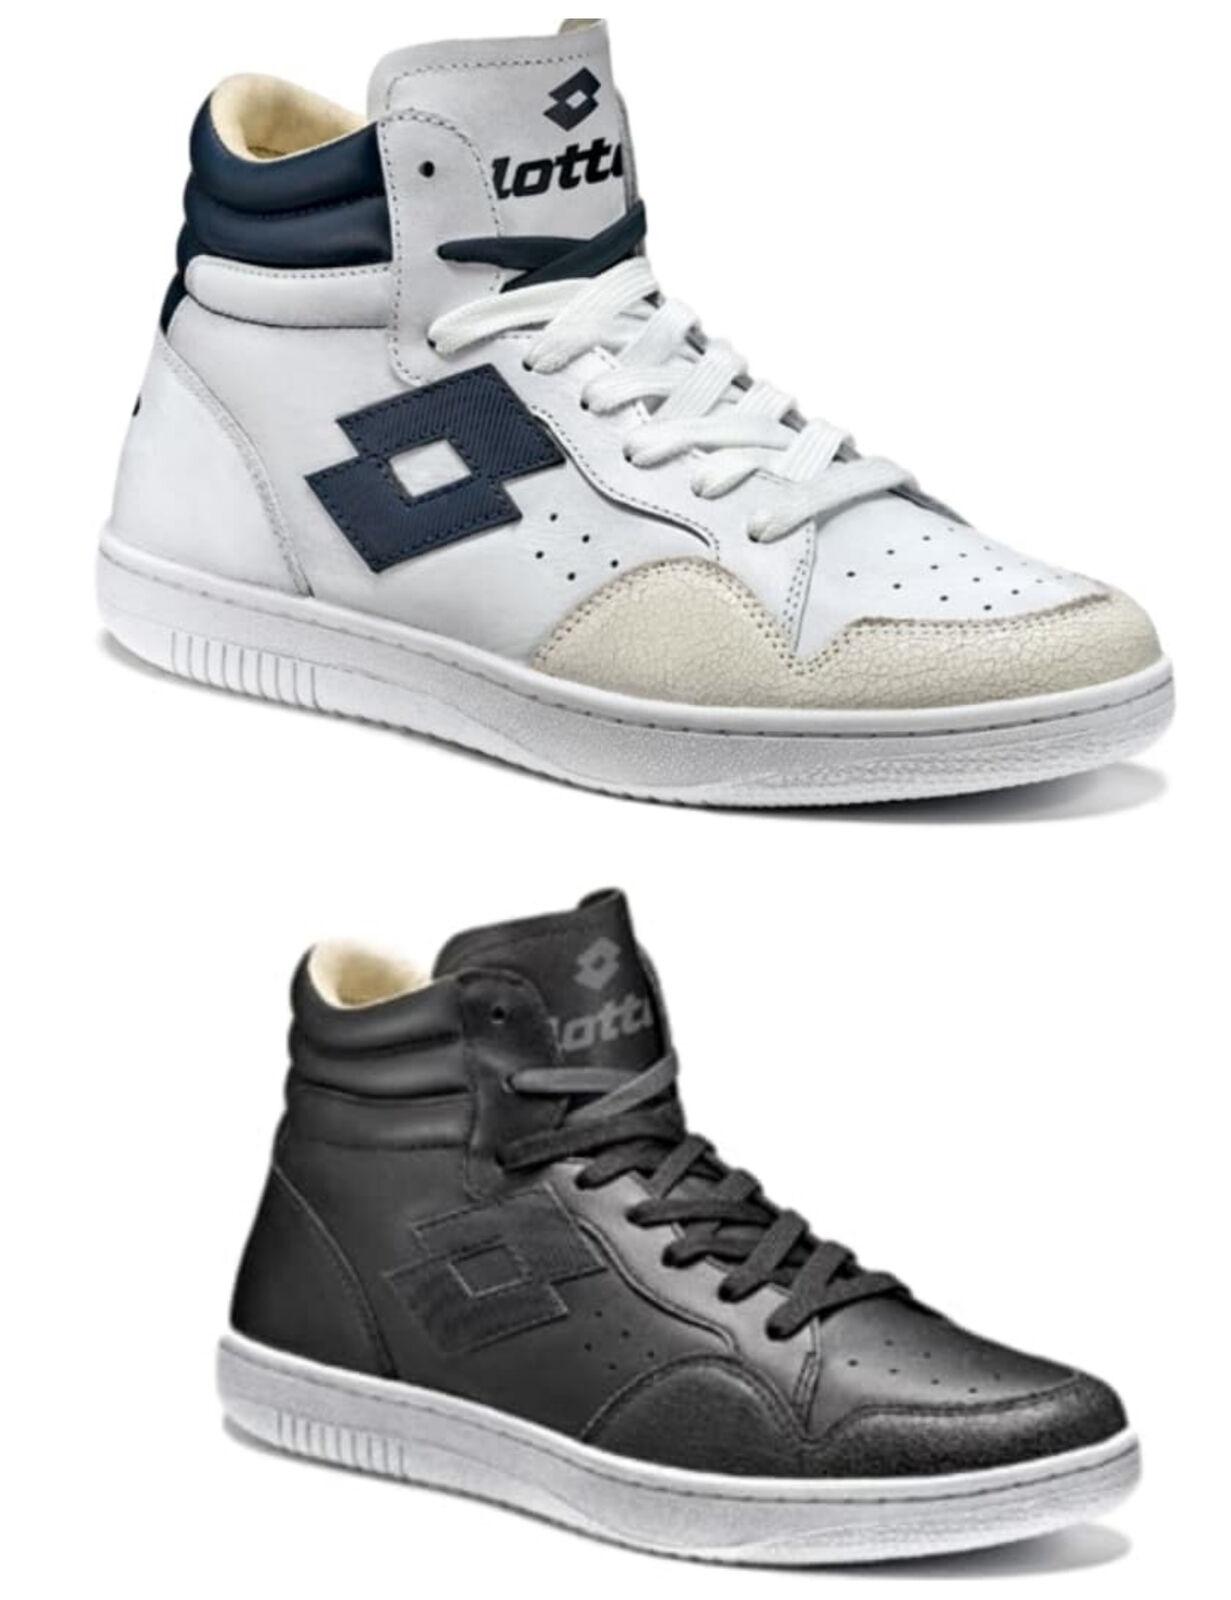 Scarpe Lotto leggenda Icon bianco nero pelle alte S9985 uomo scarpe da ginnastica